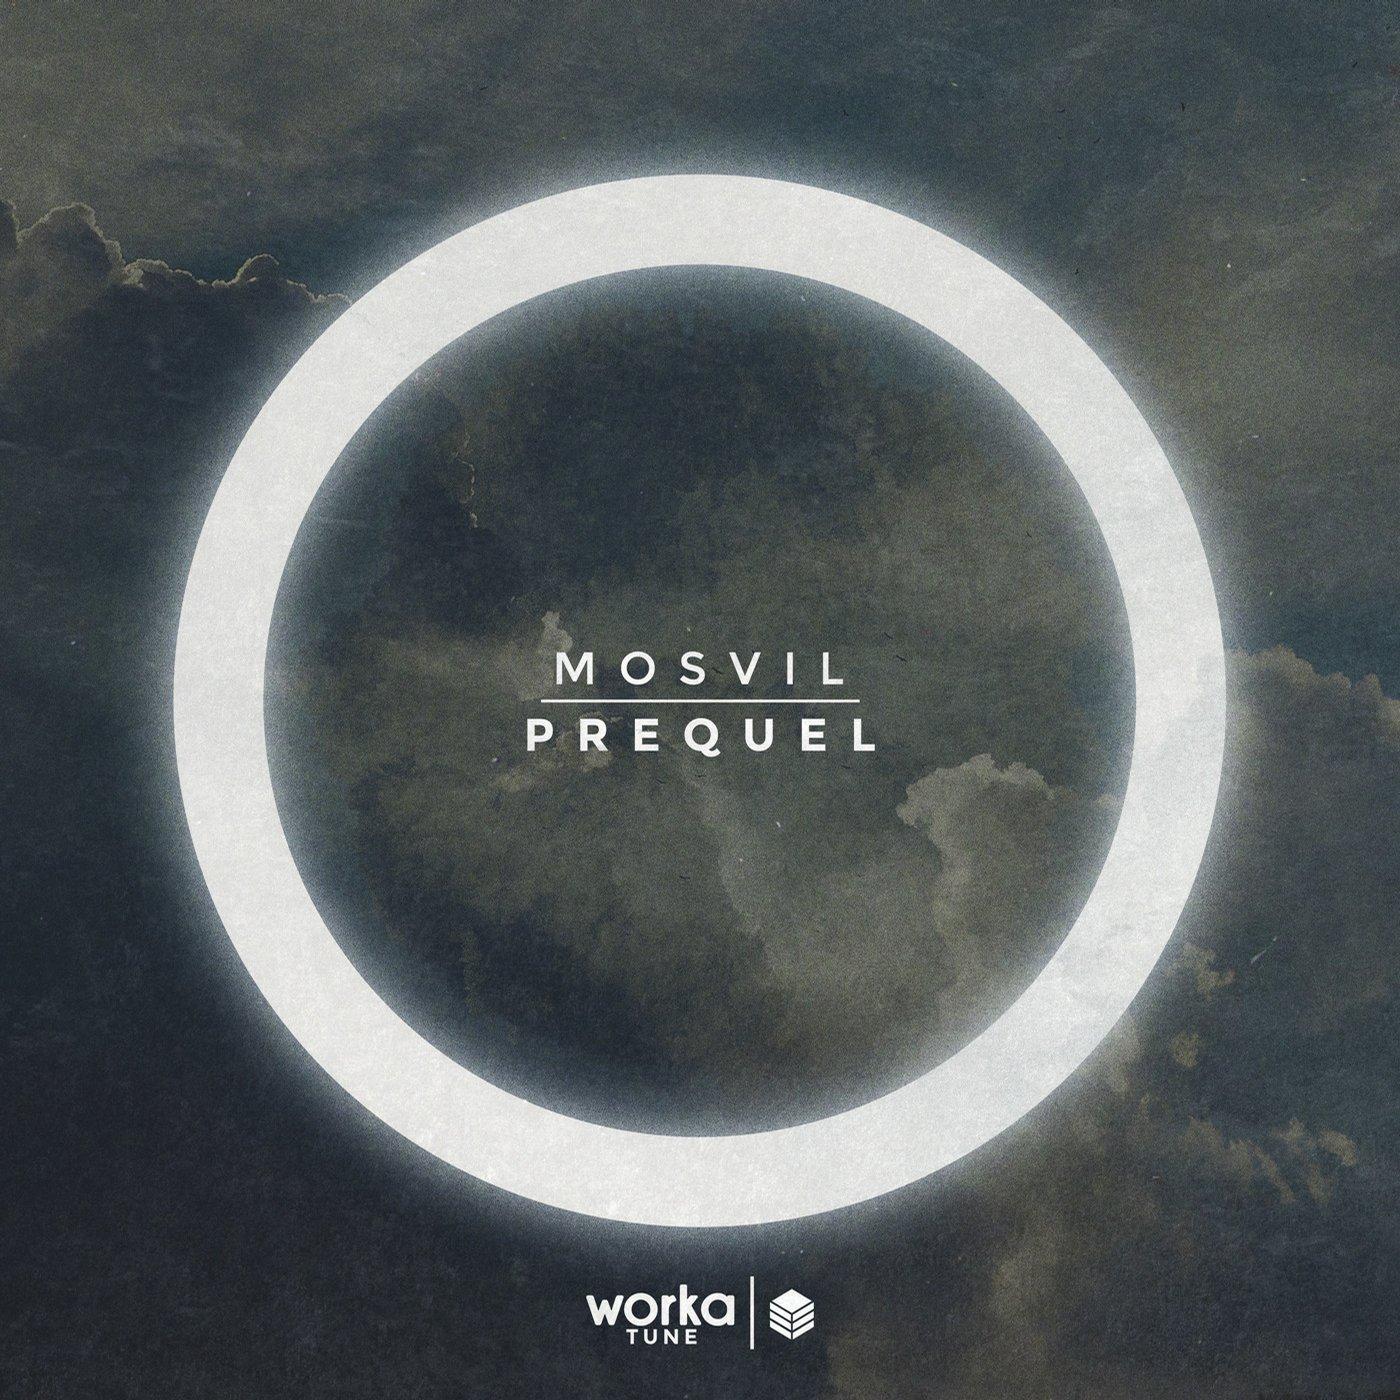 mosvil prequel ep worka tune records 2015